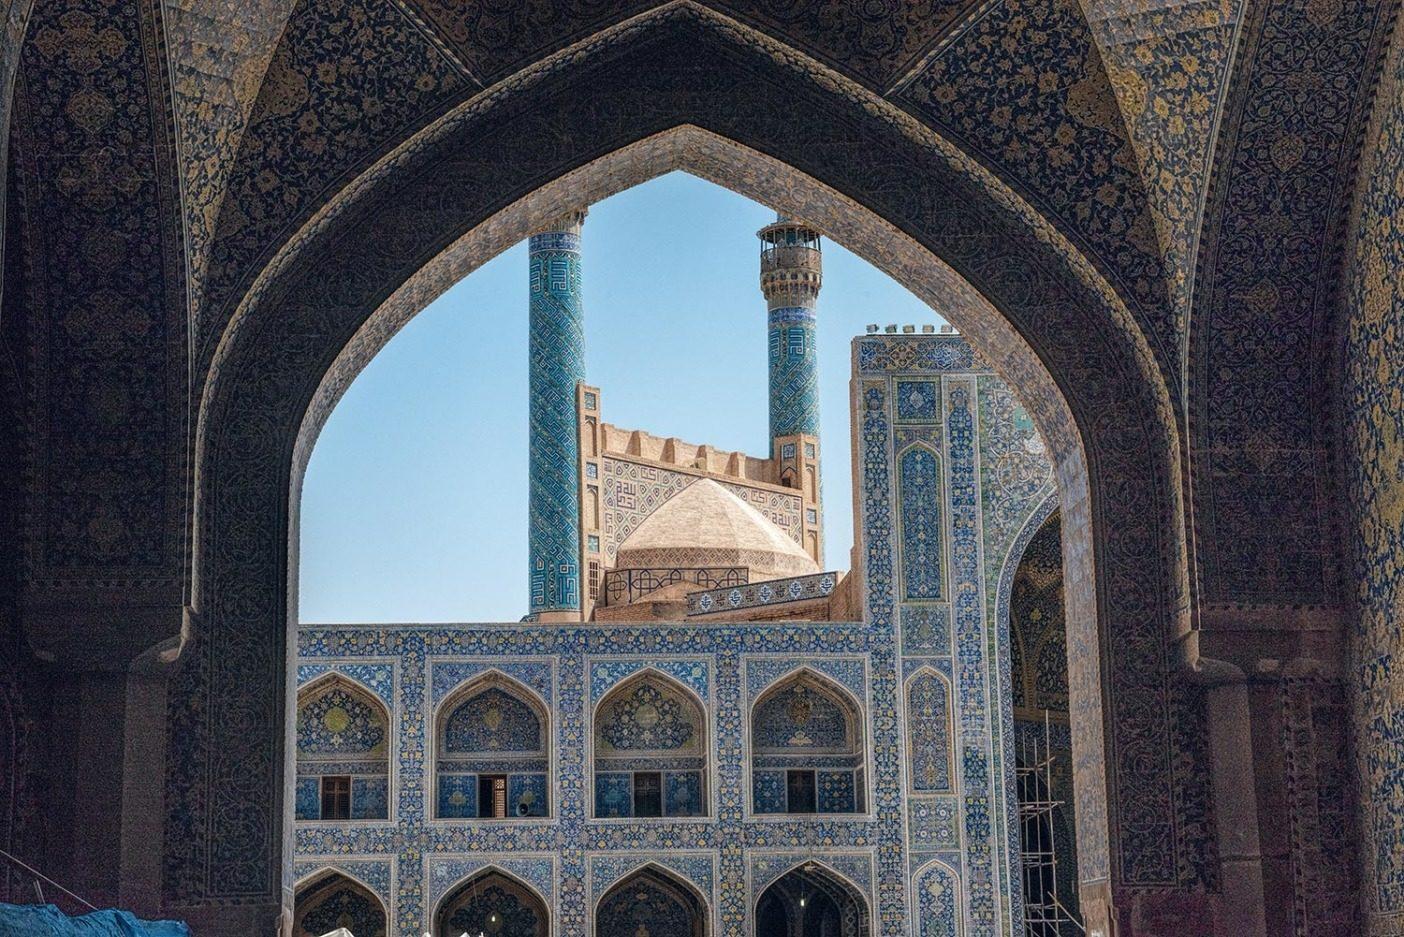 イランに到着して2日目、まだ時差ボケで、イスファハーンの街の喧騒と威圧的な暑さに惑わされていた私たちは、モスクに足を踏み入れると、暗闇と神秘的な空間に包まれた。頭上の巨大なドームを見上げ、暗さに目が慣れてくると、壮大なカーブを描いた表面に複雑なモザイク模様が踊るように広がっていた。私たちのガイドのモハメッドは2,500年以上もつづくペルシャ文化を自身が受け継いでいるという事実に誇りをもちながら、ペルシャ芸術と建築が反映する傑作の歴史について語ってくれた。この建築物はそれが開花した400年前、ペルシャ帝国が拡大するサファヴィー朝の時代に建てられたそうだ。そこで私は、精妙なタイルで覆われたファサードと入口のイーワーンに立つ尖塔を完璧な額に収めた、このアーチ状の門を見つけた。内側と外側、影と光、アーチとパターンとラインが調和して繰り返される空間。 Photo: Beth Wald